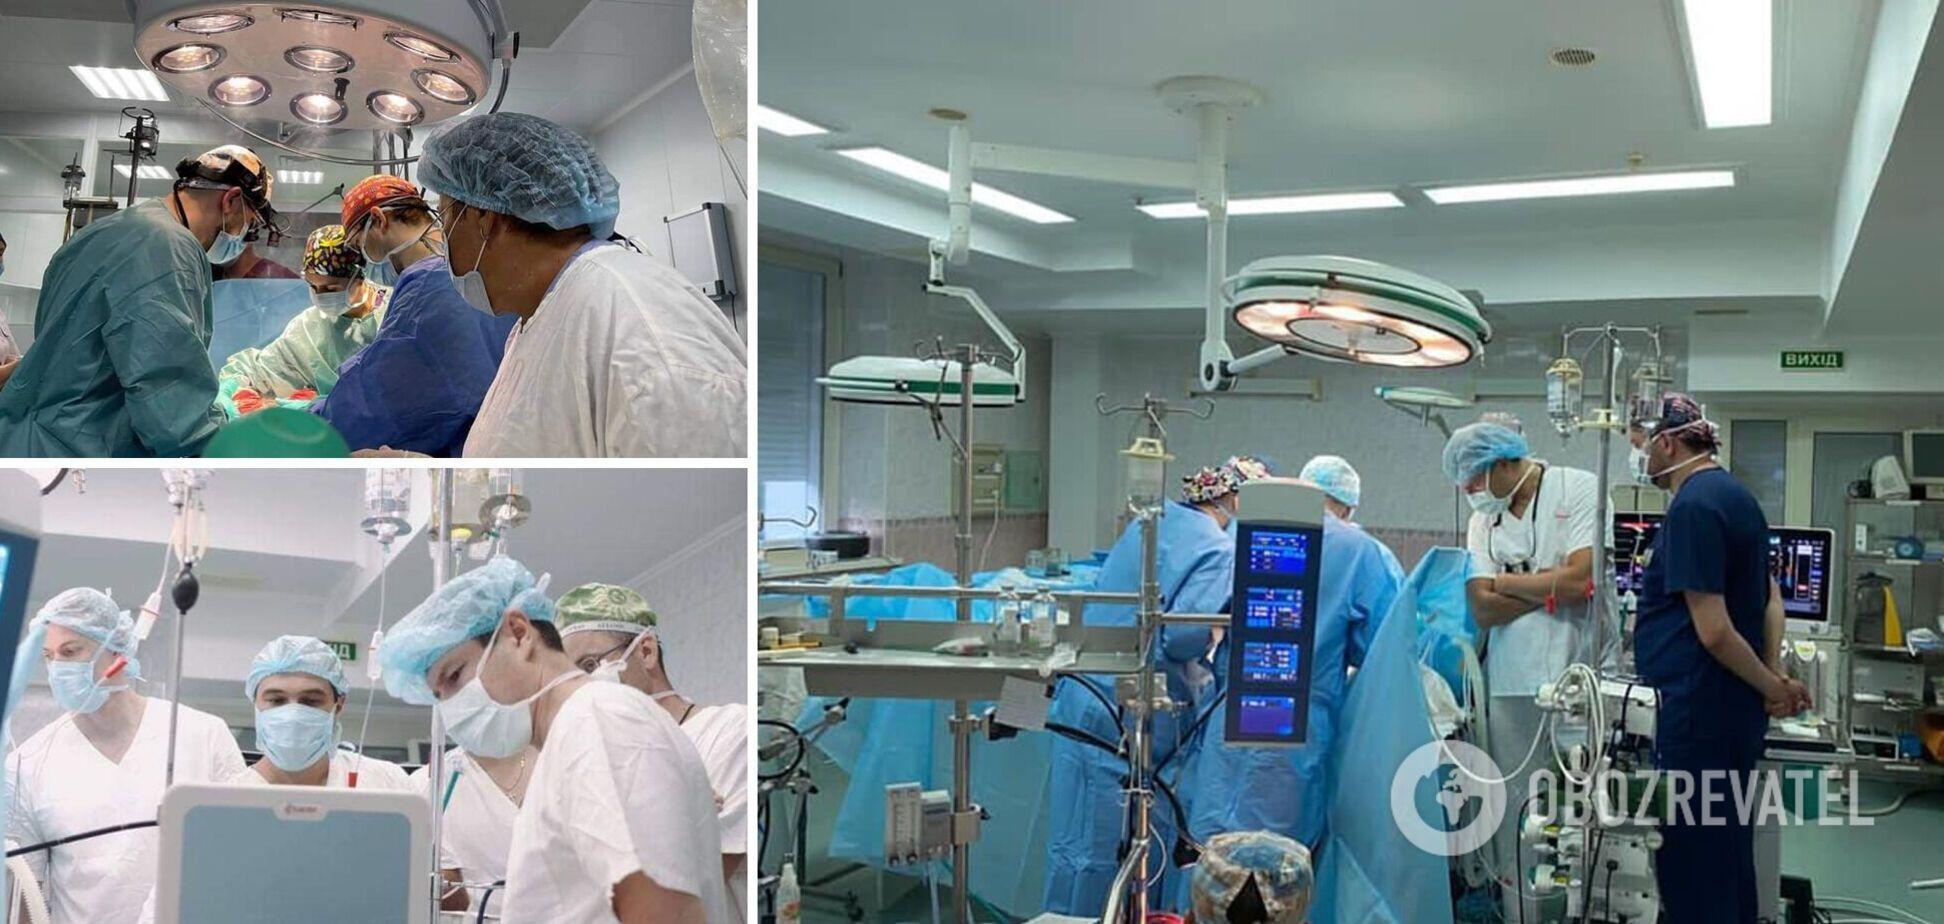 Черкаські медики вперше провели операції з пересадки серця і нирок. Фото